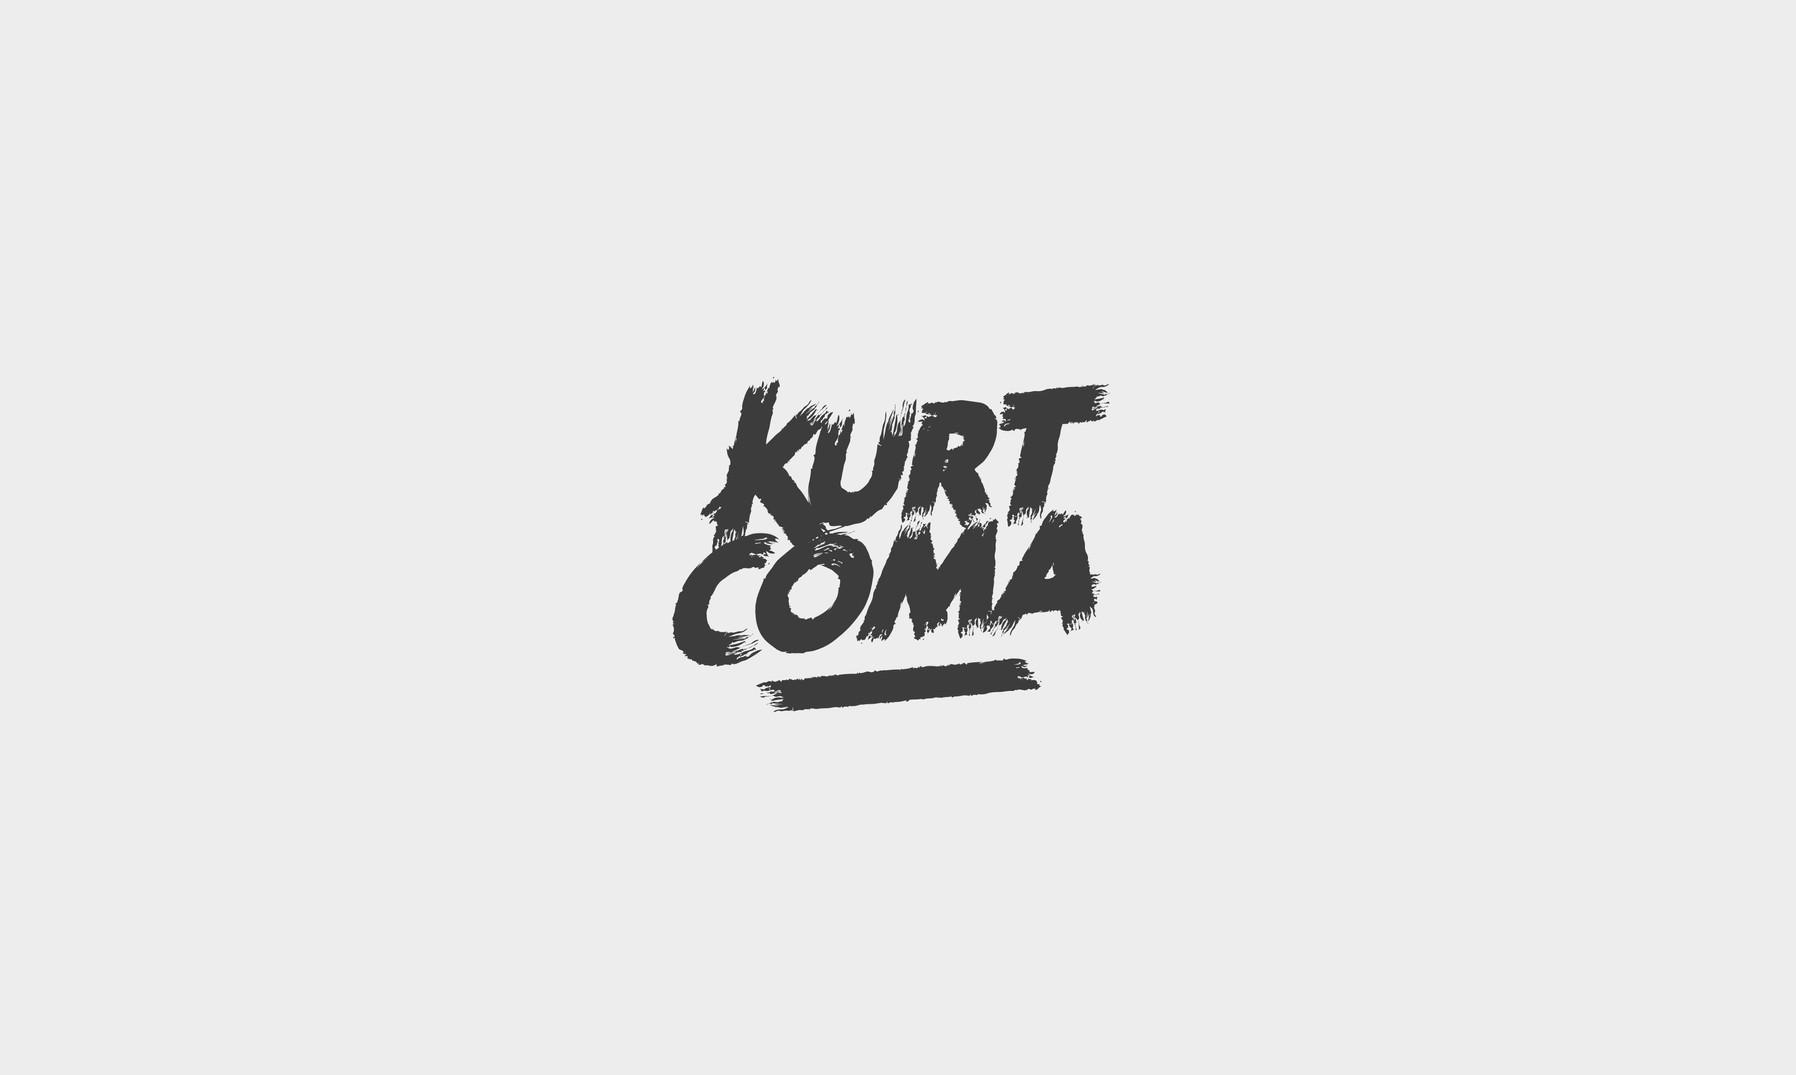 kurtcoma_logo_Zeichenfläche_1.jpg